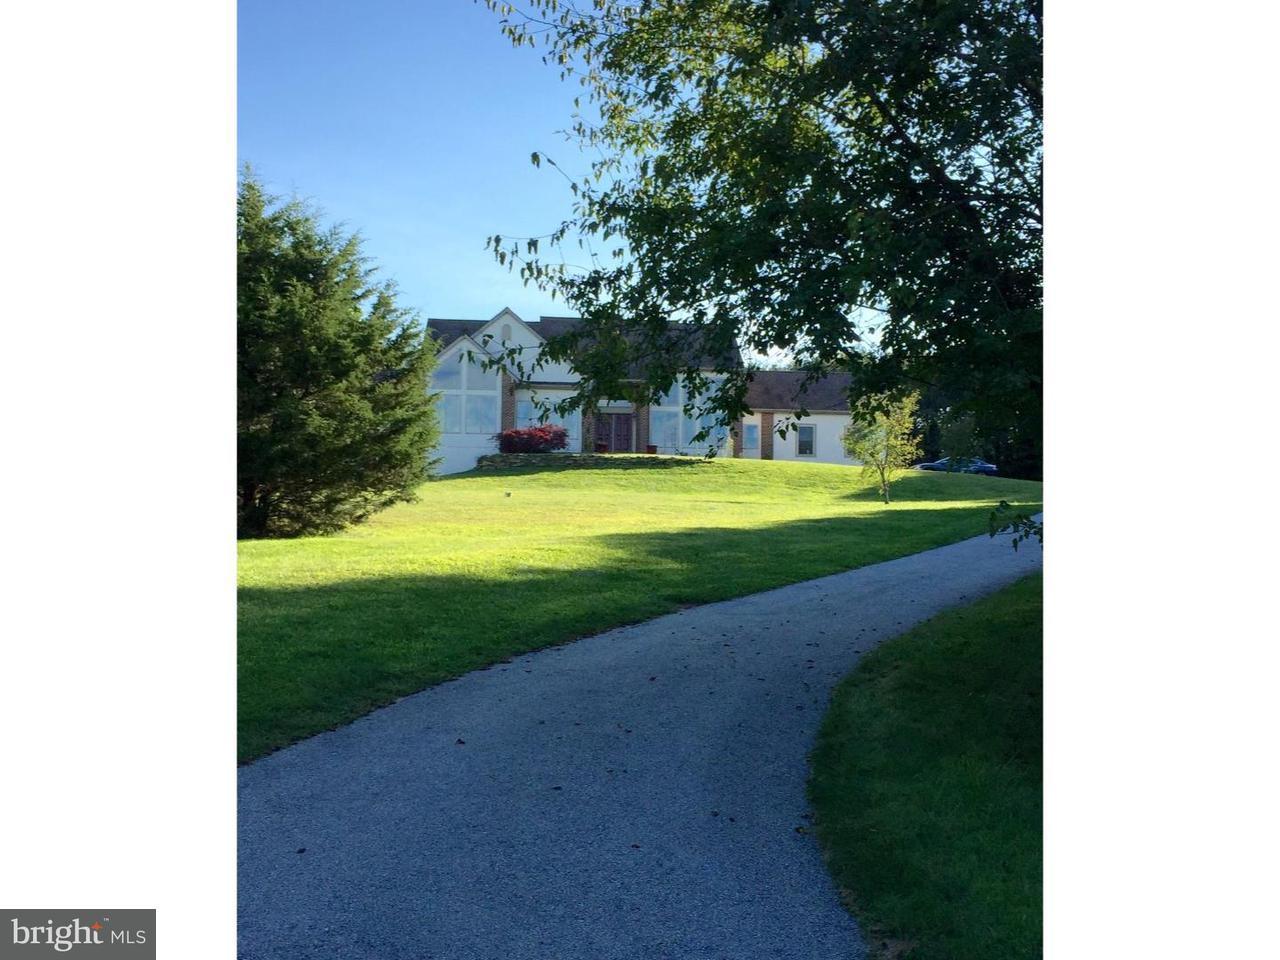 独户住宅 为 销售 在 2266 HOPEWELL Road 诺丁汉, 宾夕法尼亚州 19362 美国